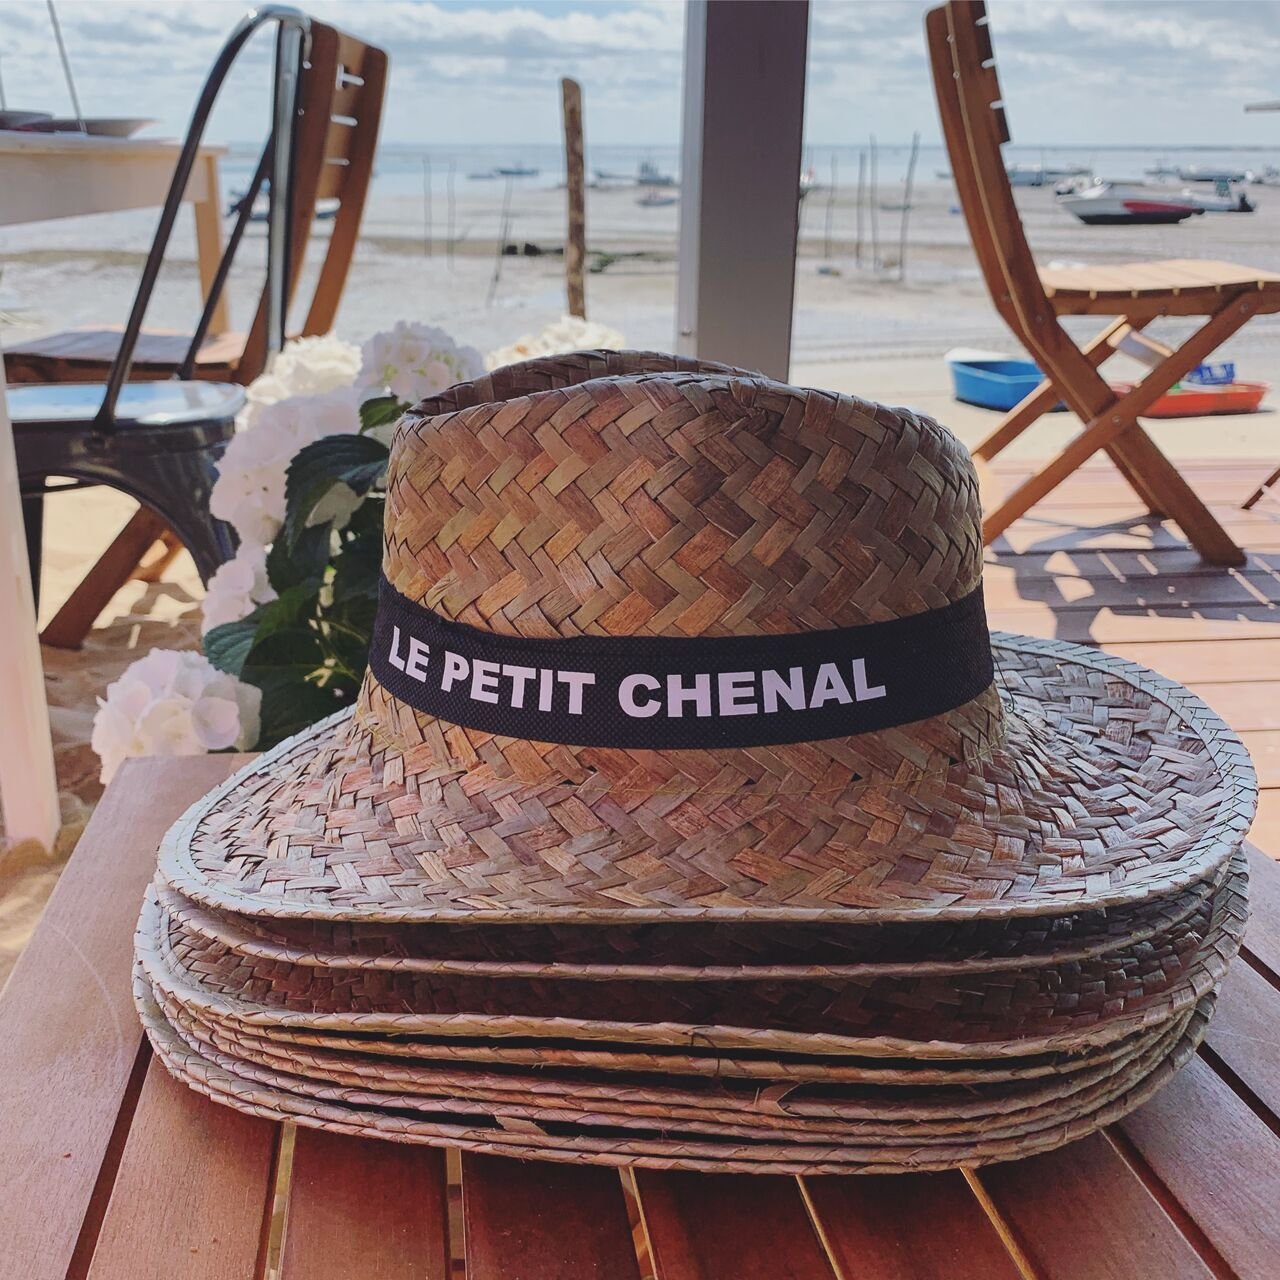 Le-Petit-Chenal-(2)